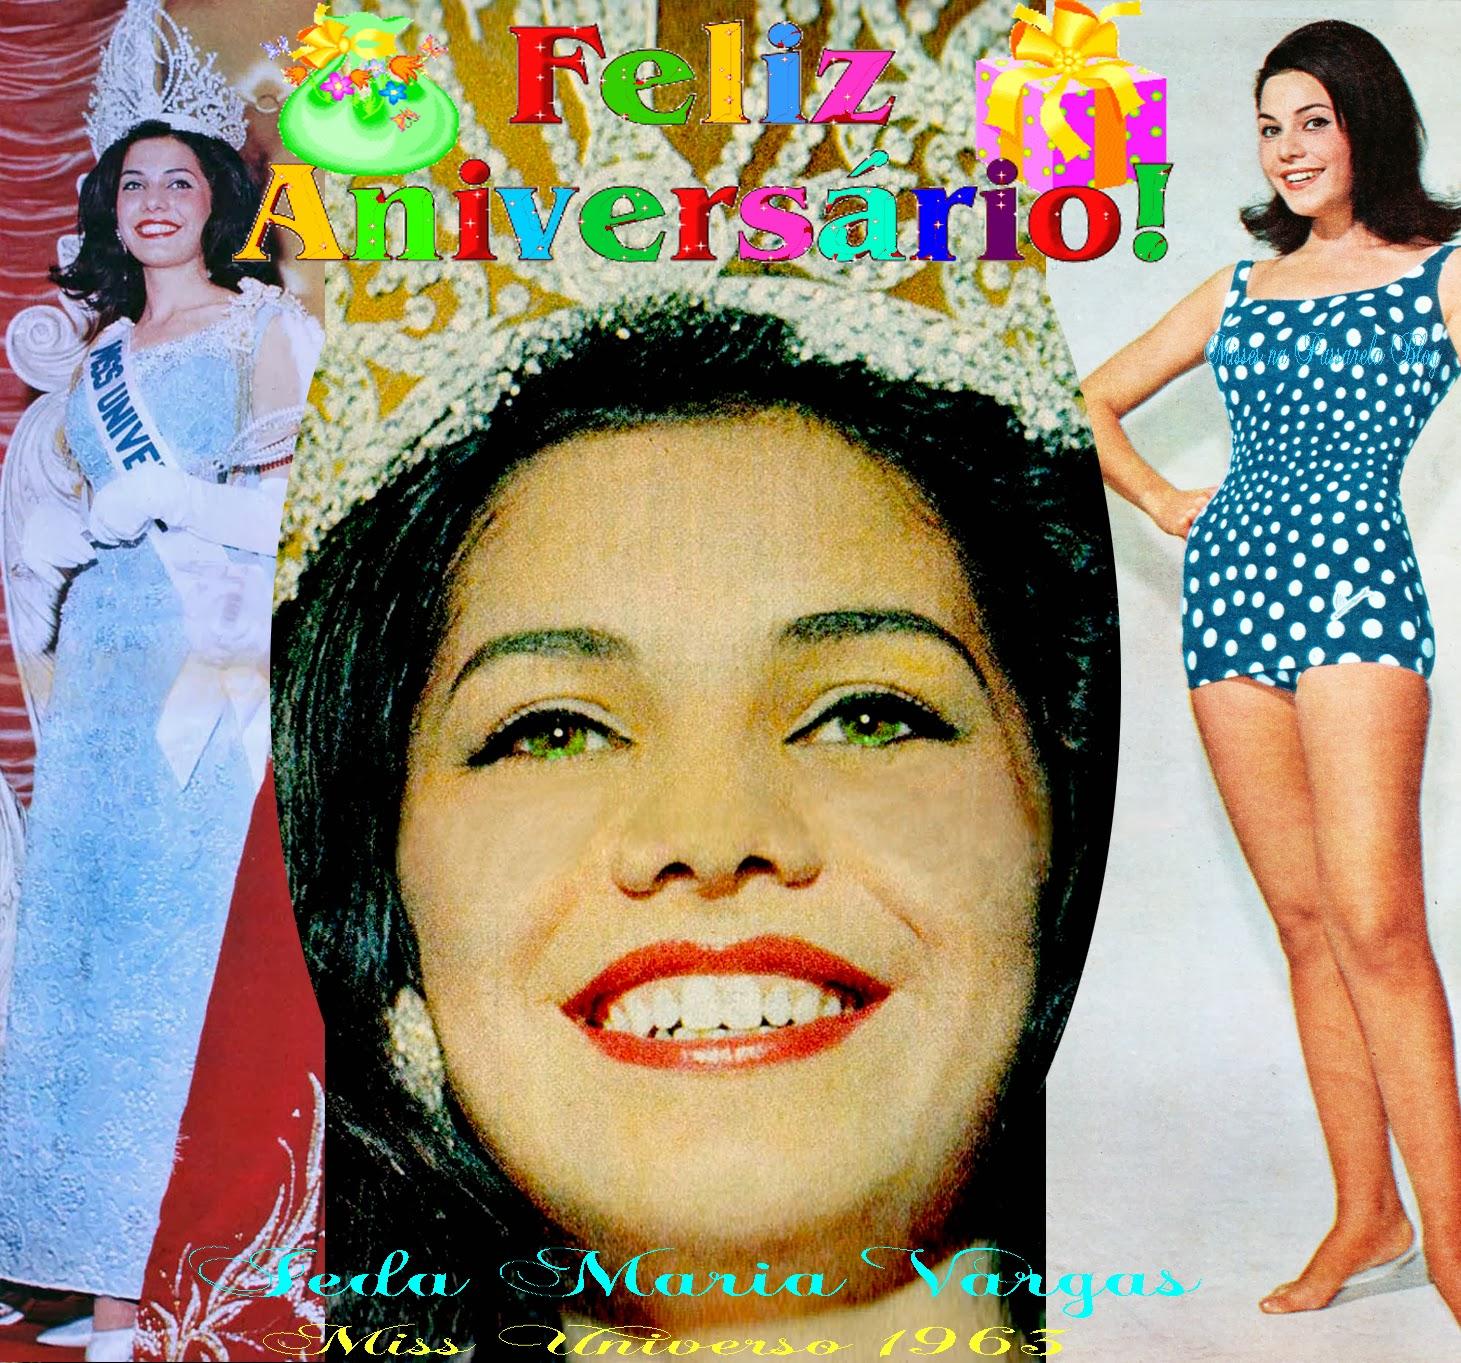 ✾◕‿◕✾ Galeria de Ieda Maria Vargas, Miss Universe 1963.✾◕‿◕✾ - Página 3 Anivers%C3%A1rio+de+Ieda+Vargas